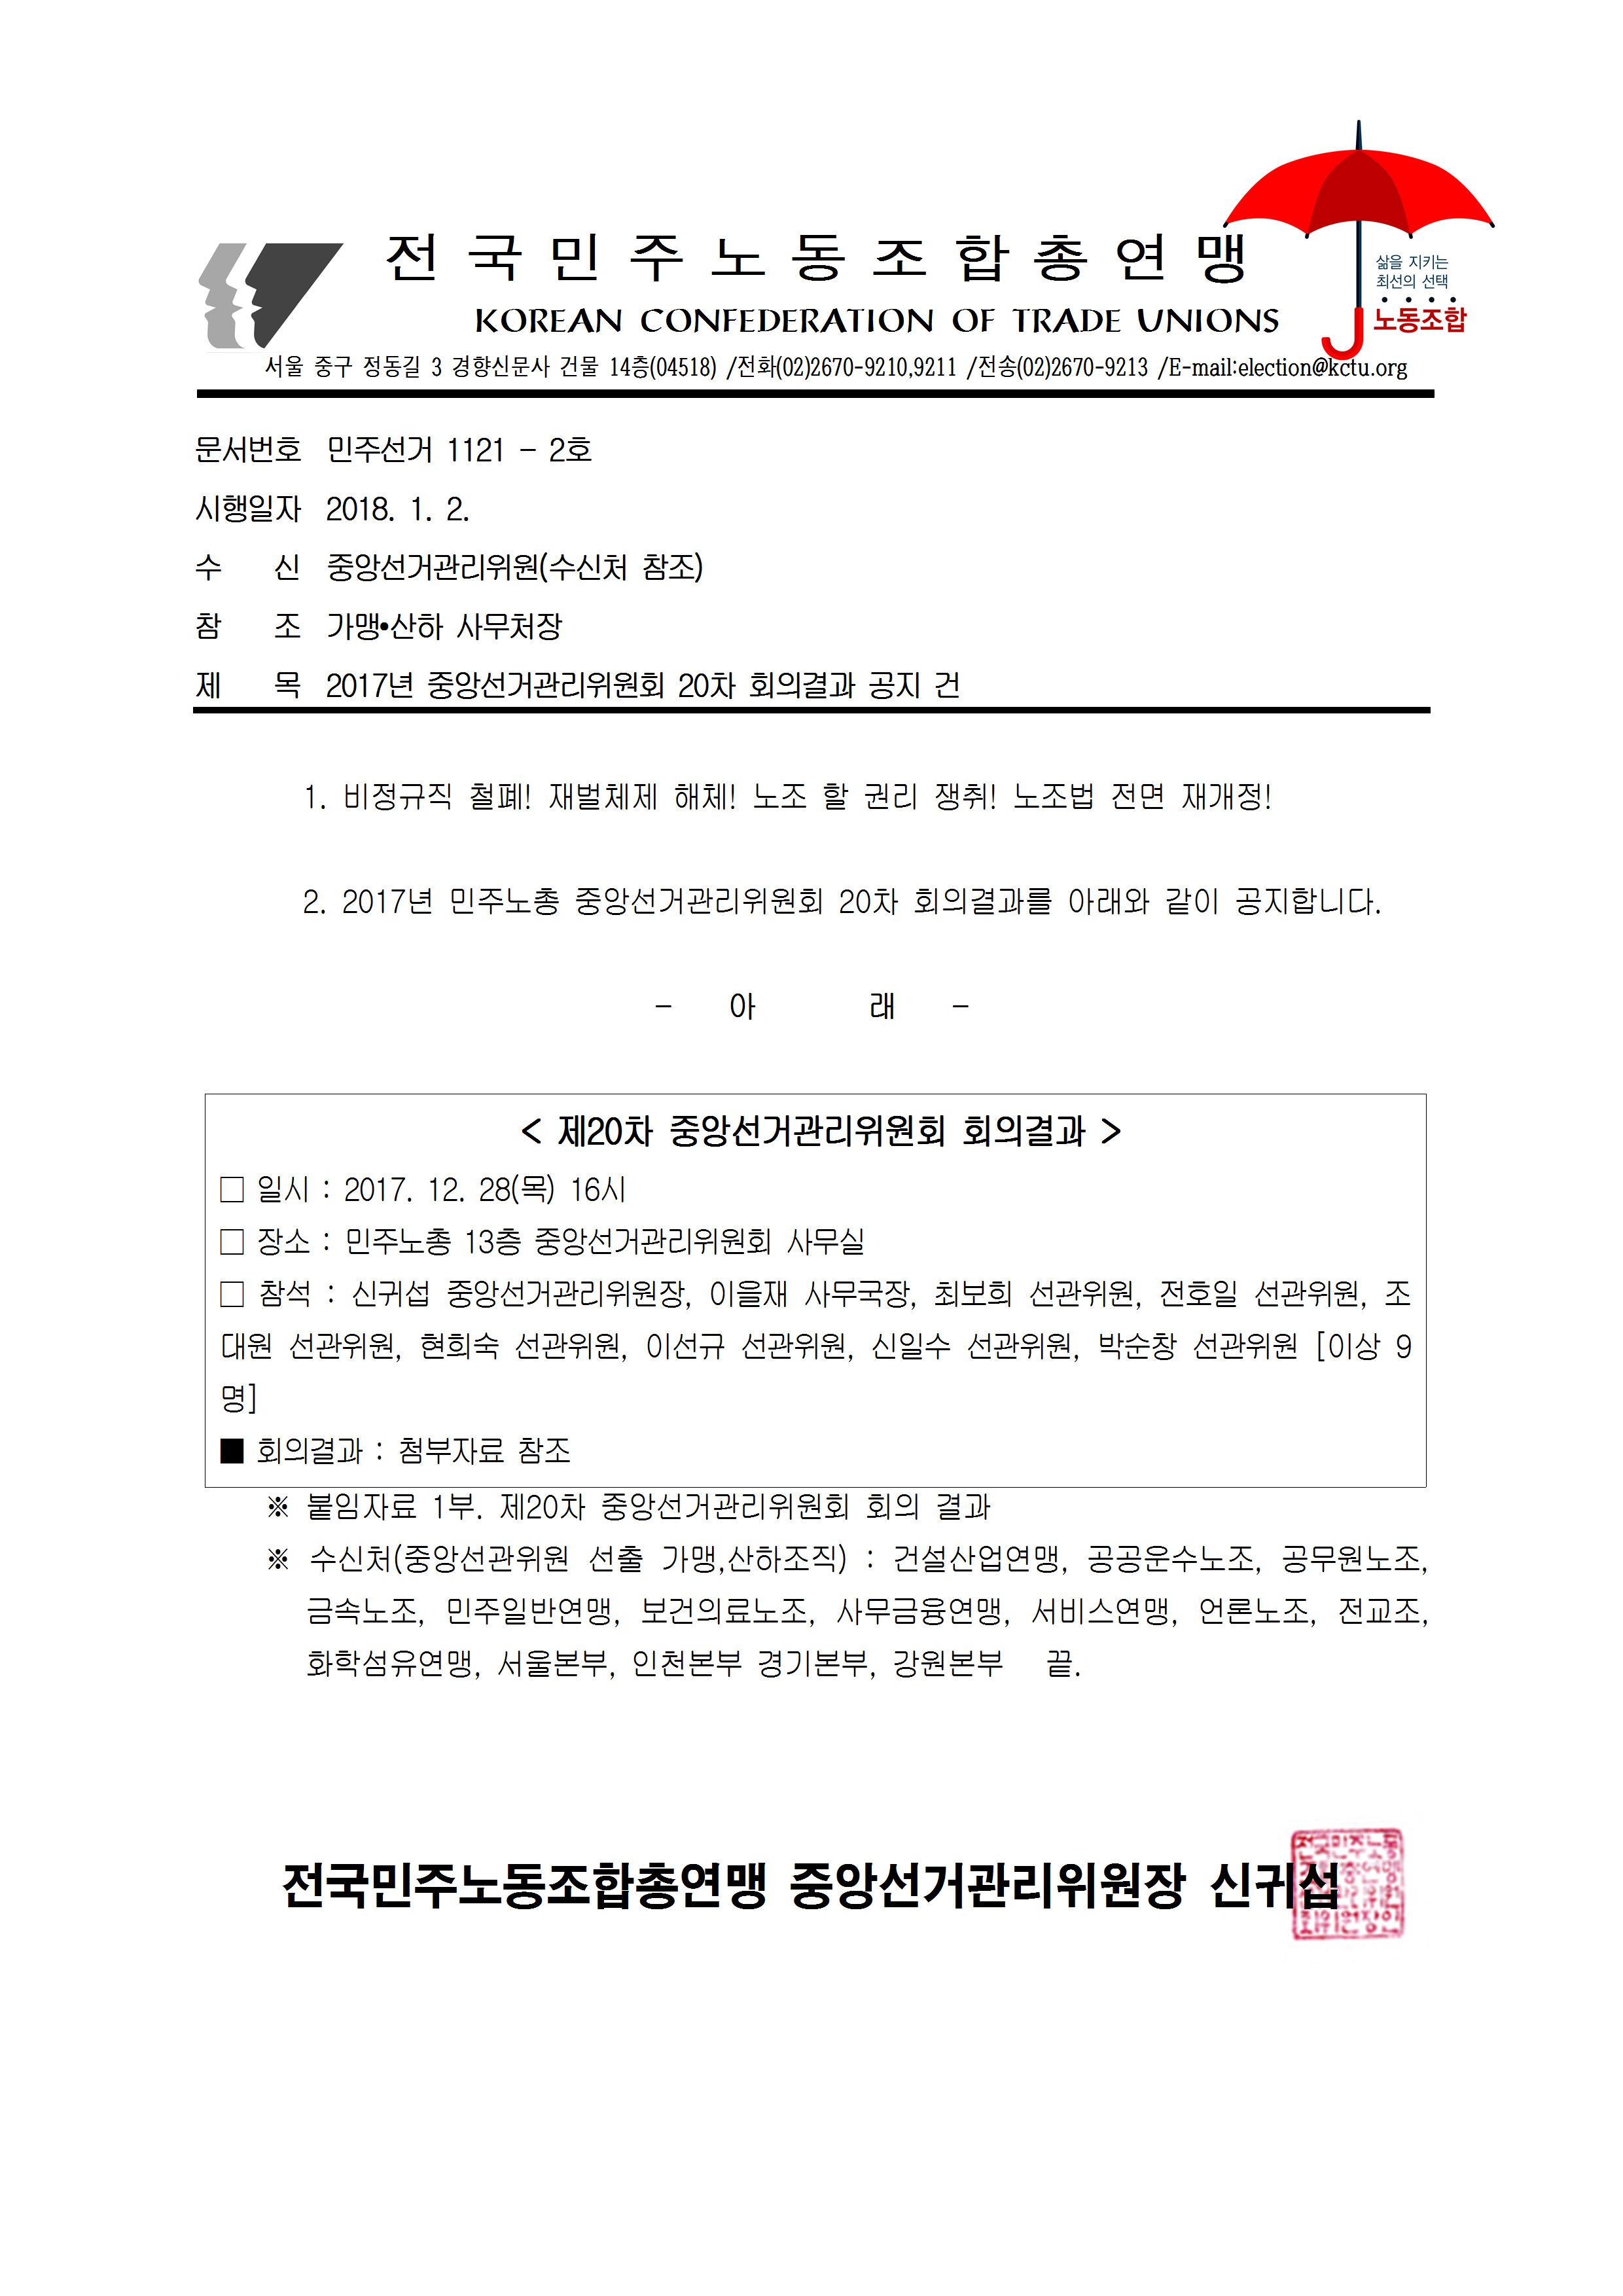 18kctu2_[공문] 2017년 중앙선관위 20차 회의결과 공지001.png